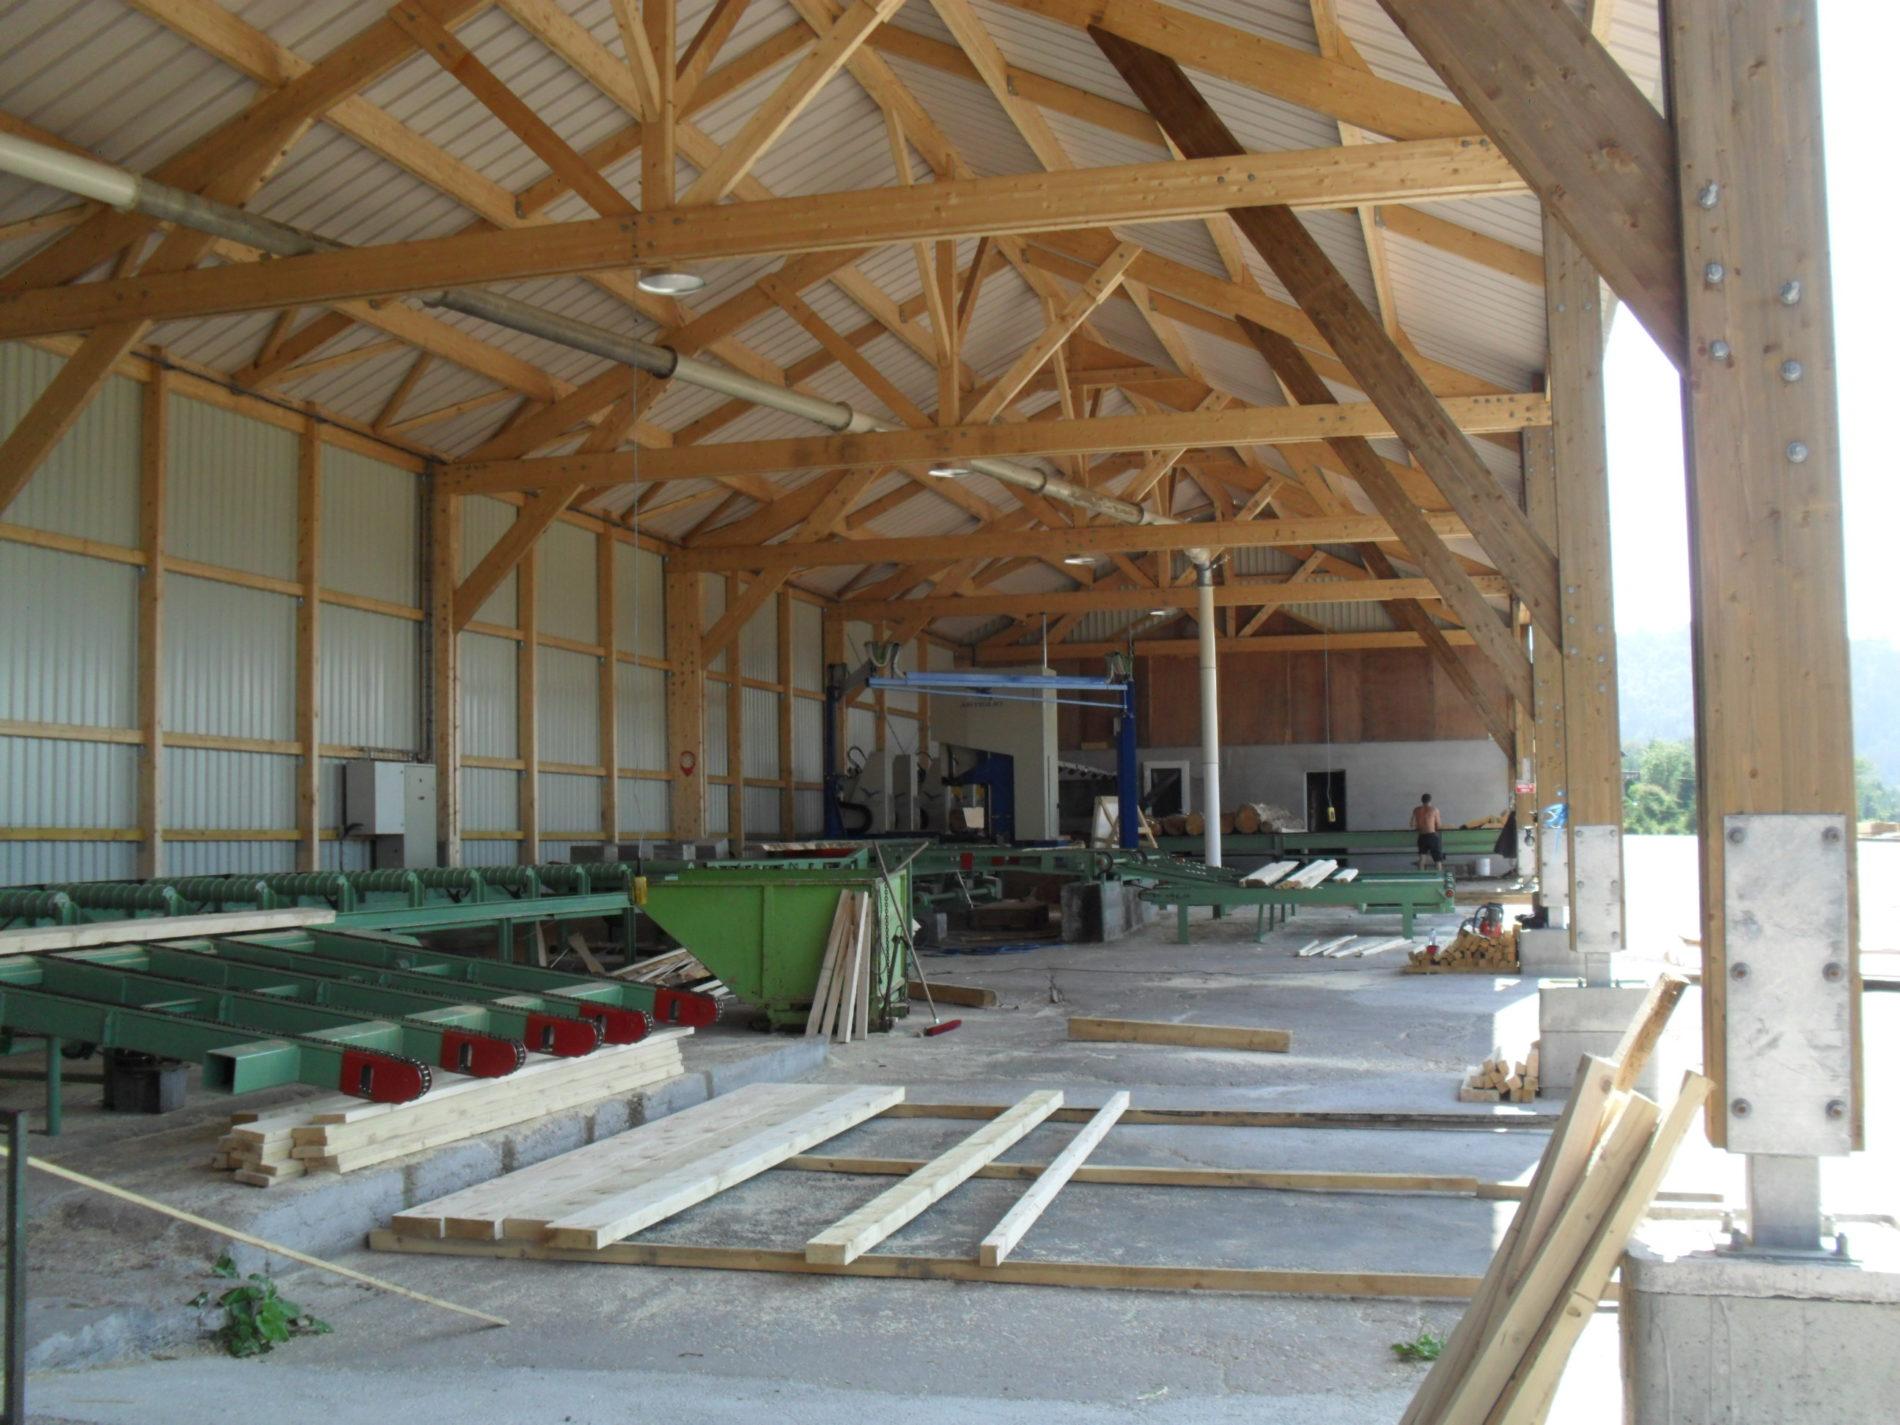 Rénovation d'une scierie - Bâtiment industriel